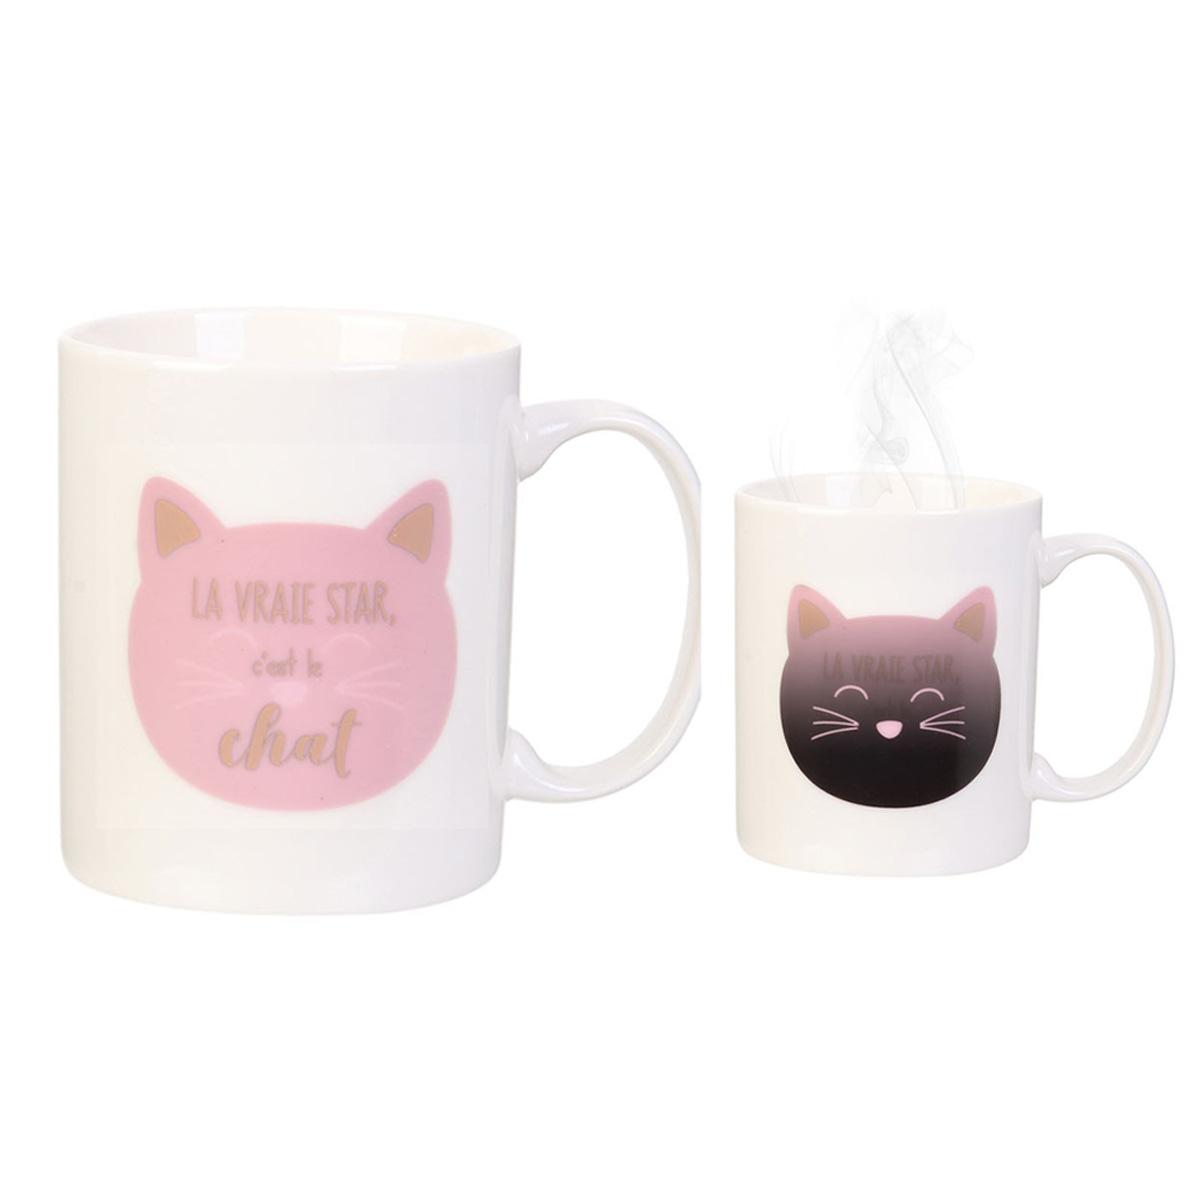 Mug céramique thermique \'Chats\' rose (la vraie star, c\'est le Chat) - 35 cl - [R0342]